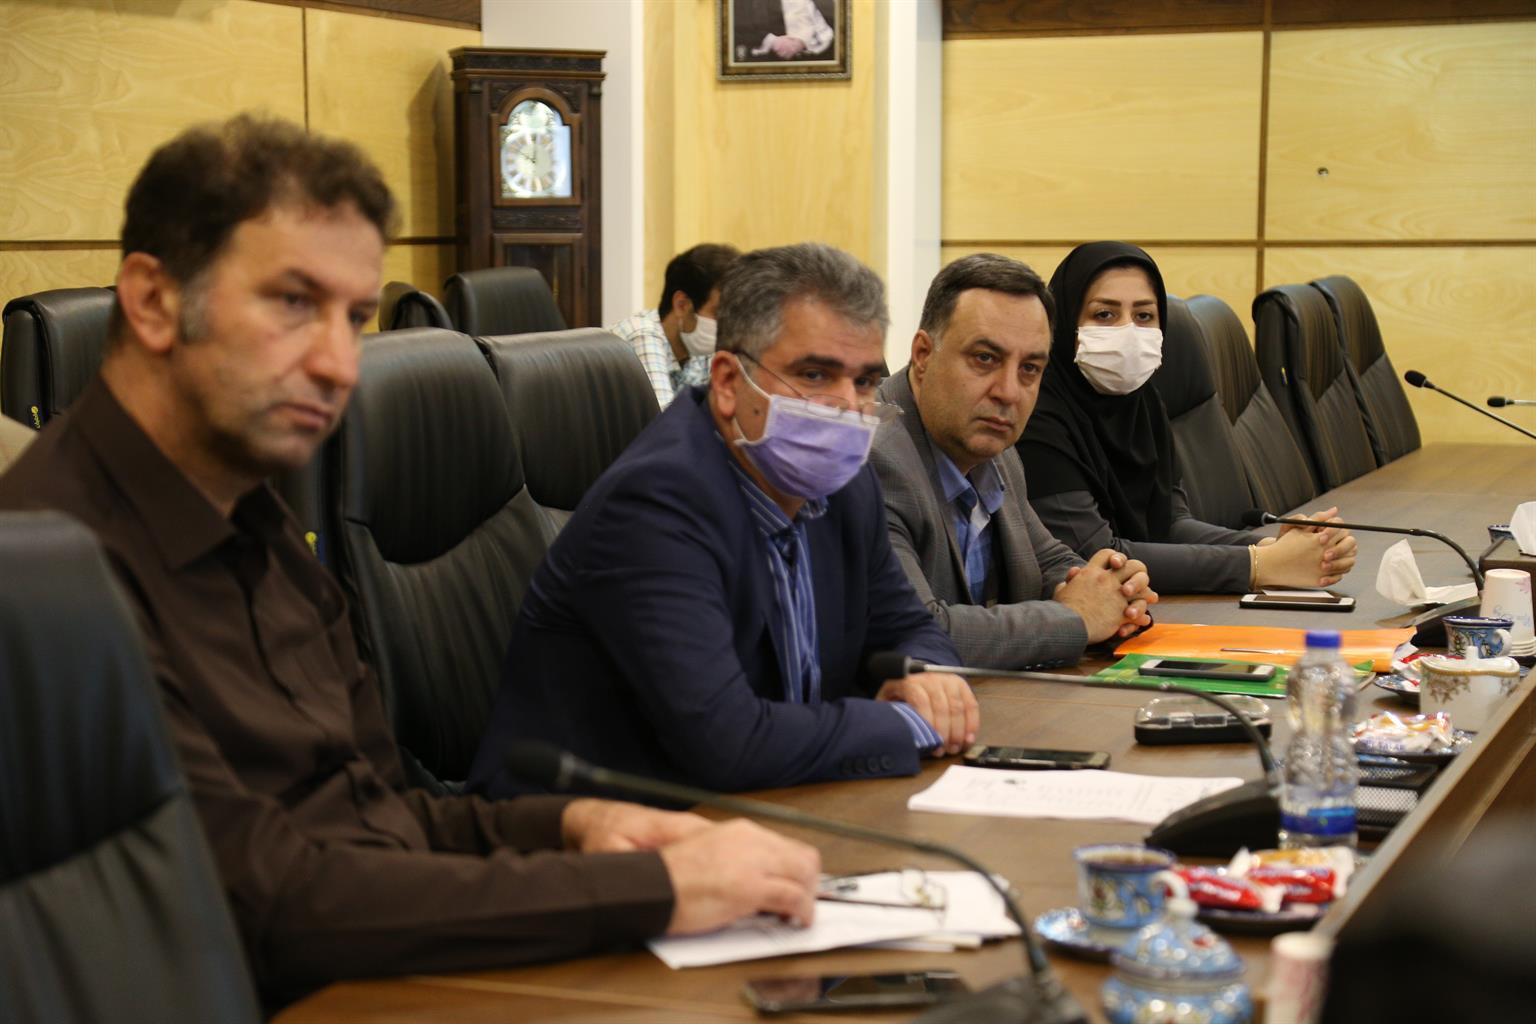 img 9298 - سرپرست شهرداری رشت تاکید کرد: ضرورت مشارکت دستگاه های متولی برای حفظ و نگهداری تصفیه خانه سراوان